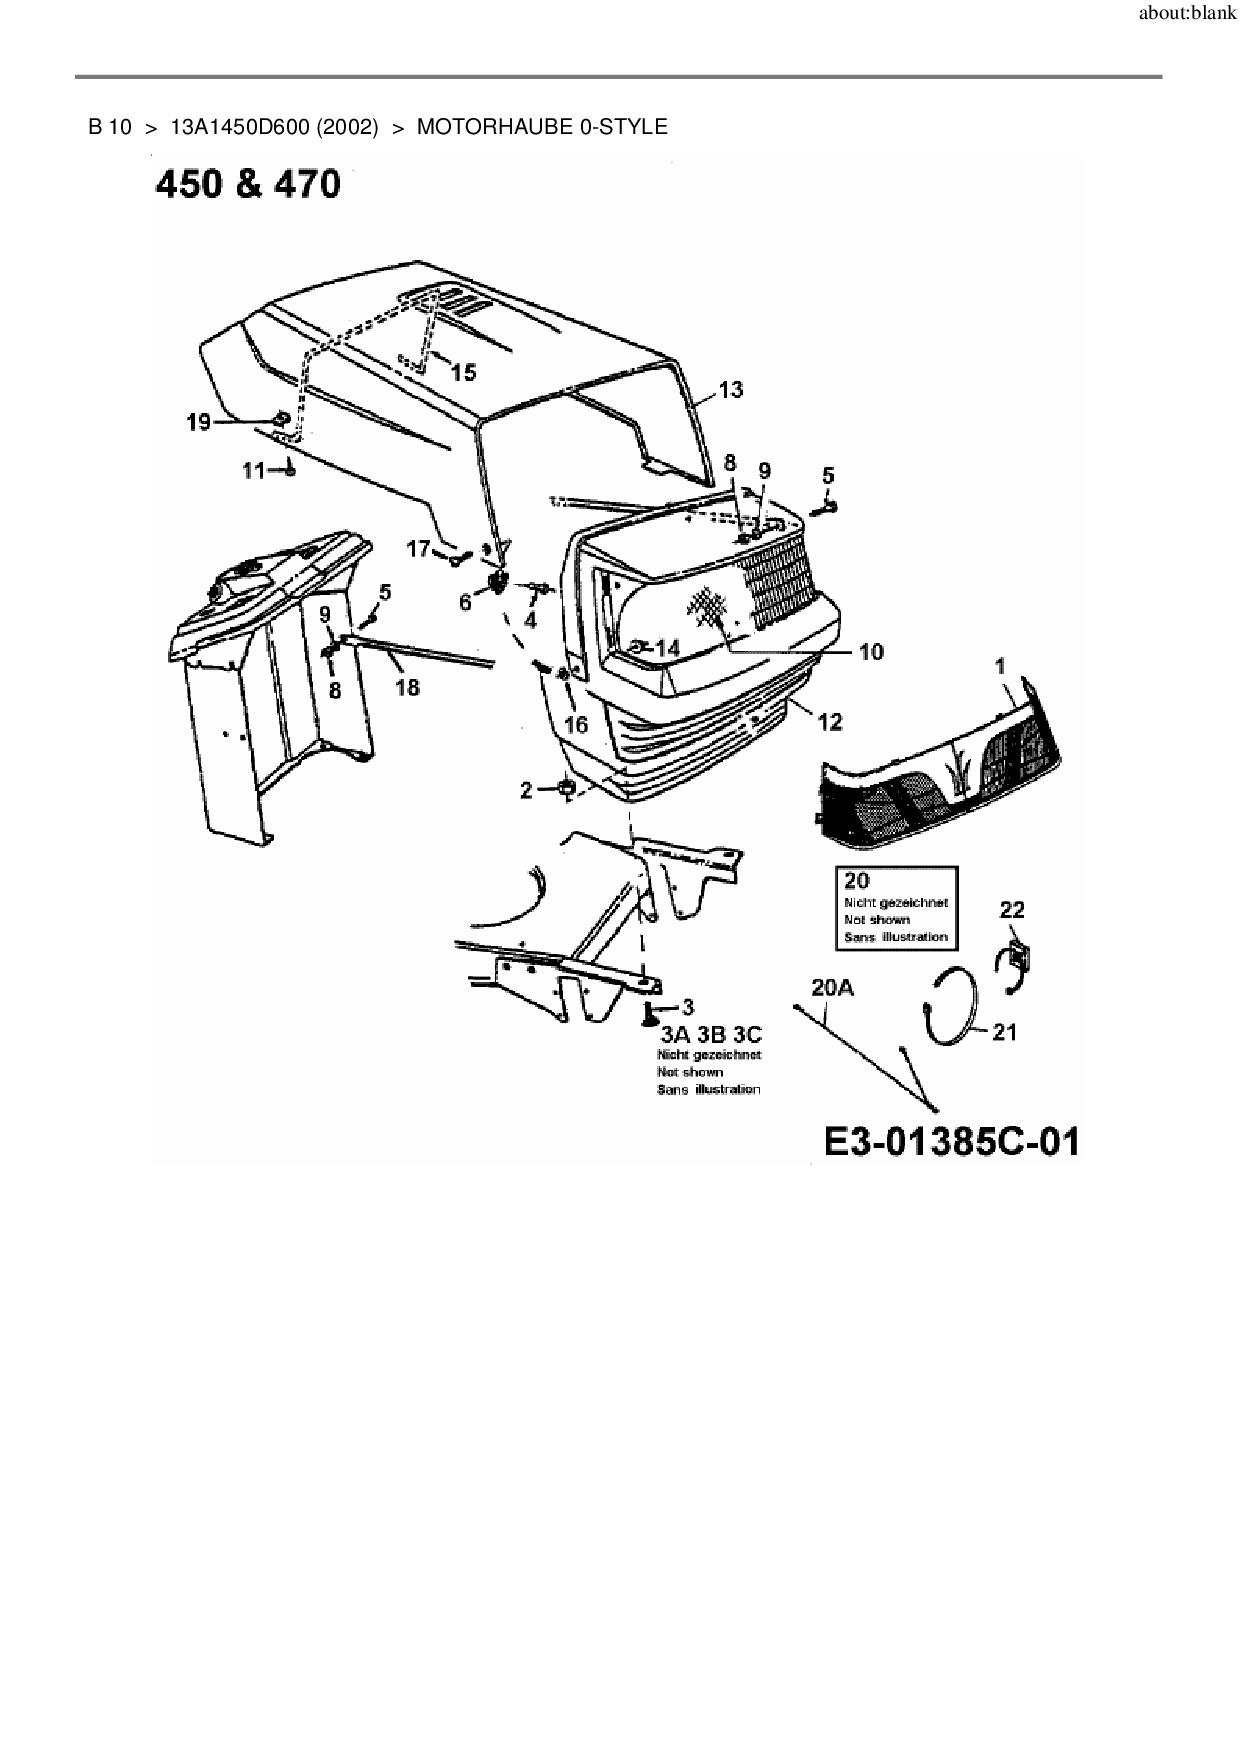 Ersatzteile von MTD Rasentraktor B 10 aus der Zeichnung Motorhaube 0-